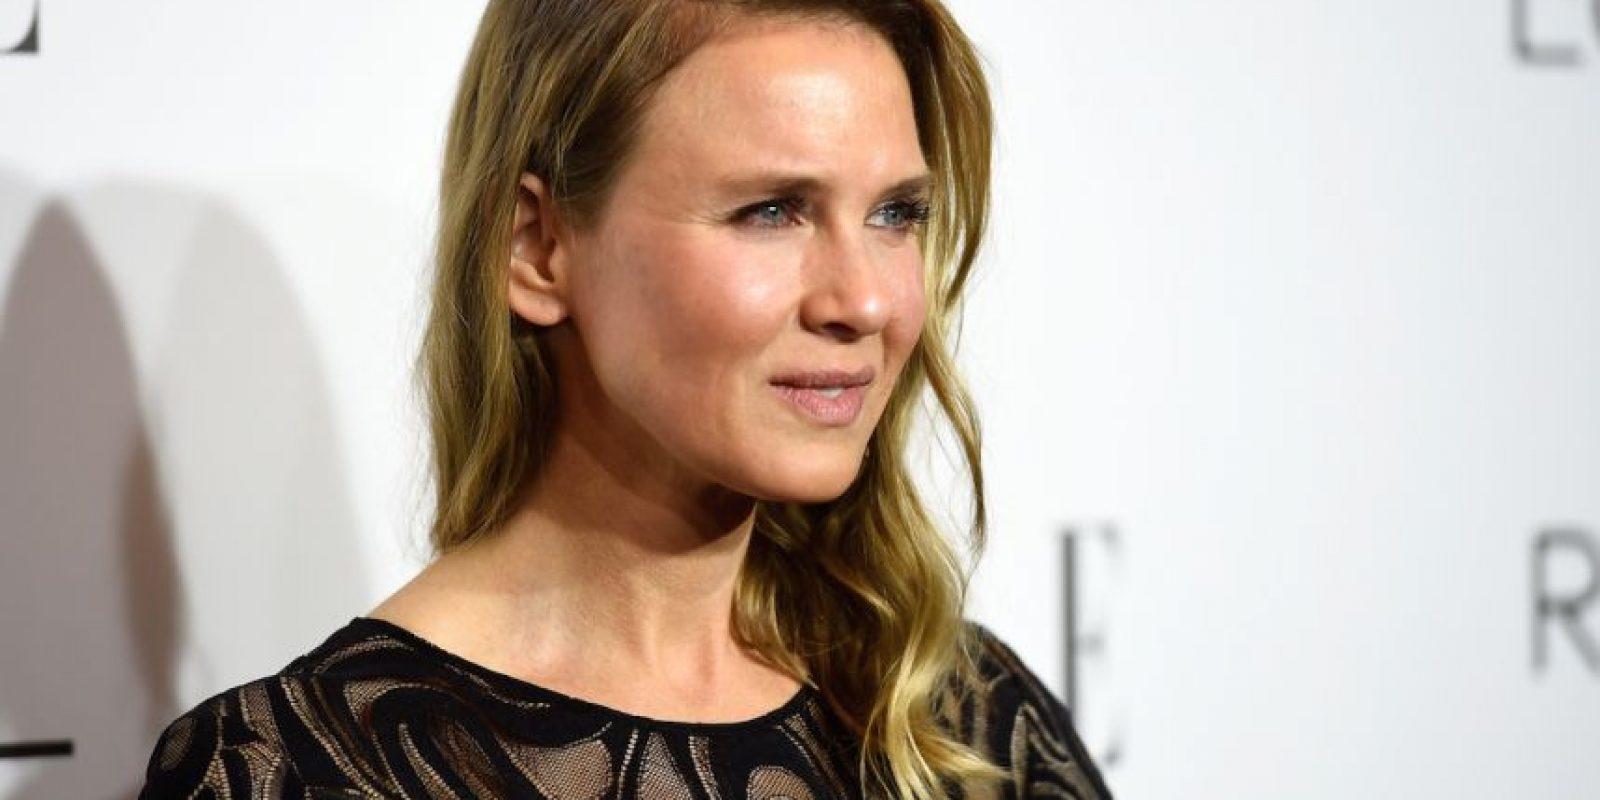 Aunque, Renee aseguró que su cambio se debe a la edad y una modificación en sus hábitos y estilo de vida, diversos medios especularon que la actriz se sometió a más de una cirugía. Foto:Getty Images